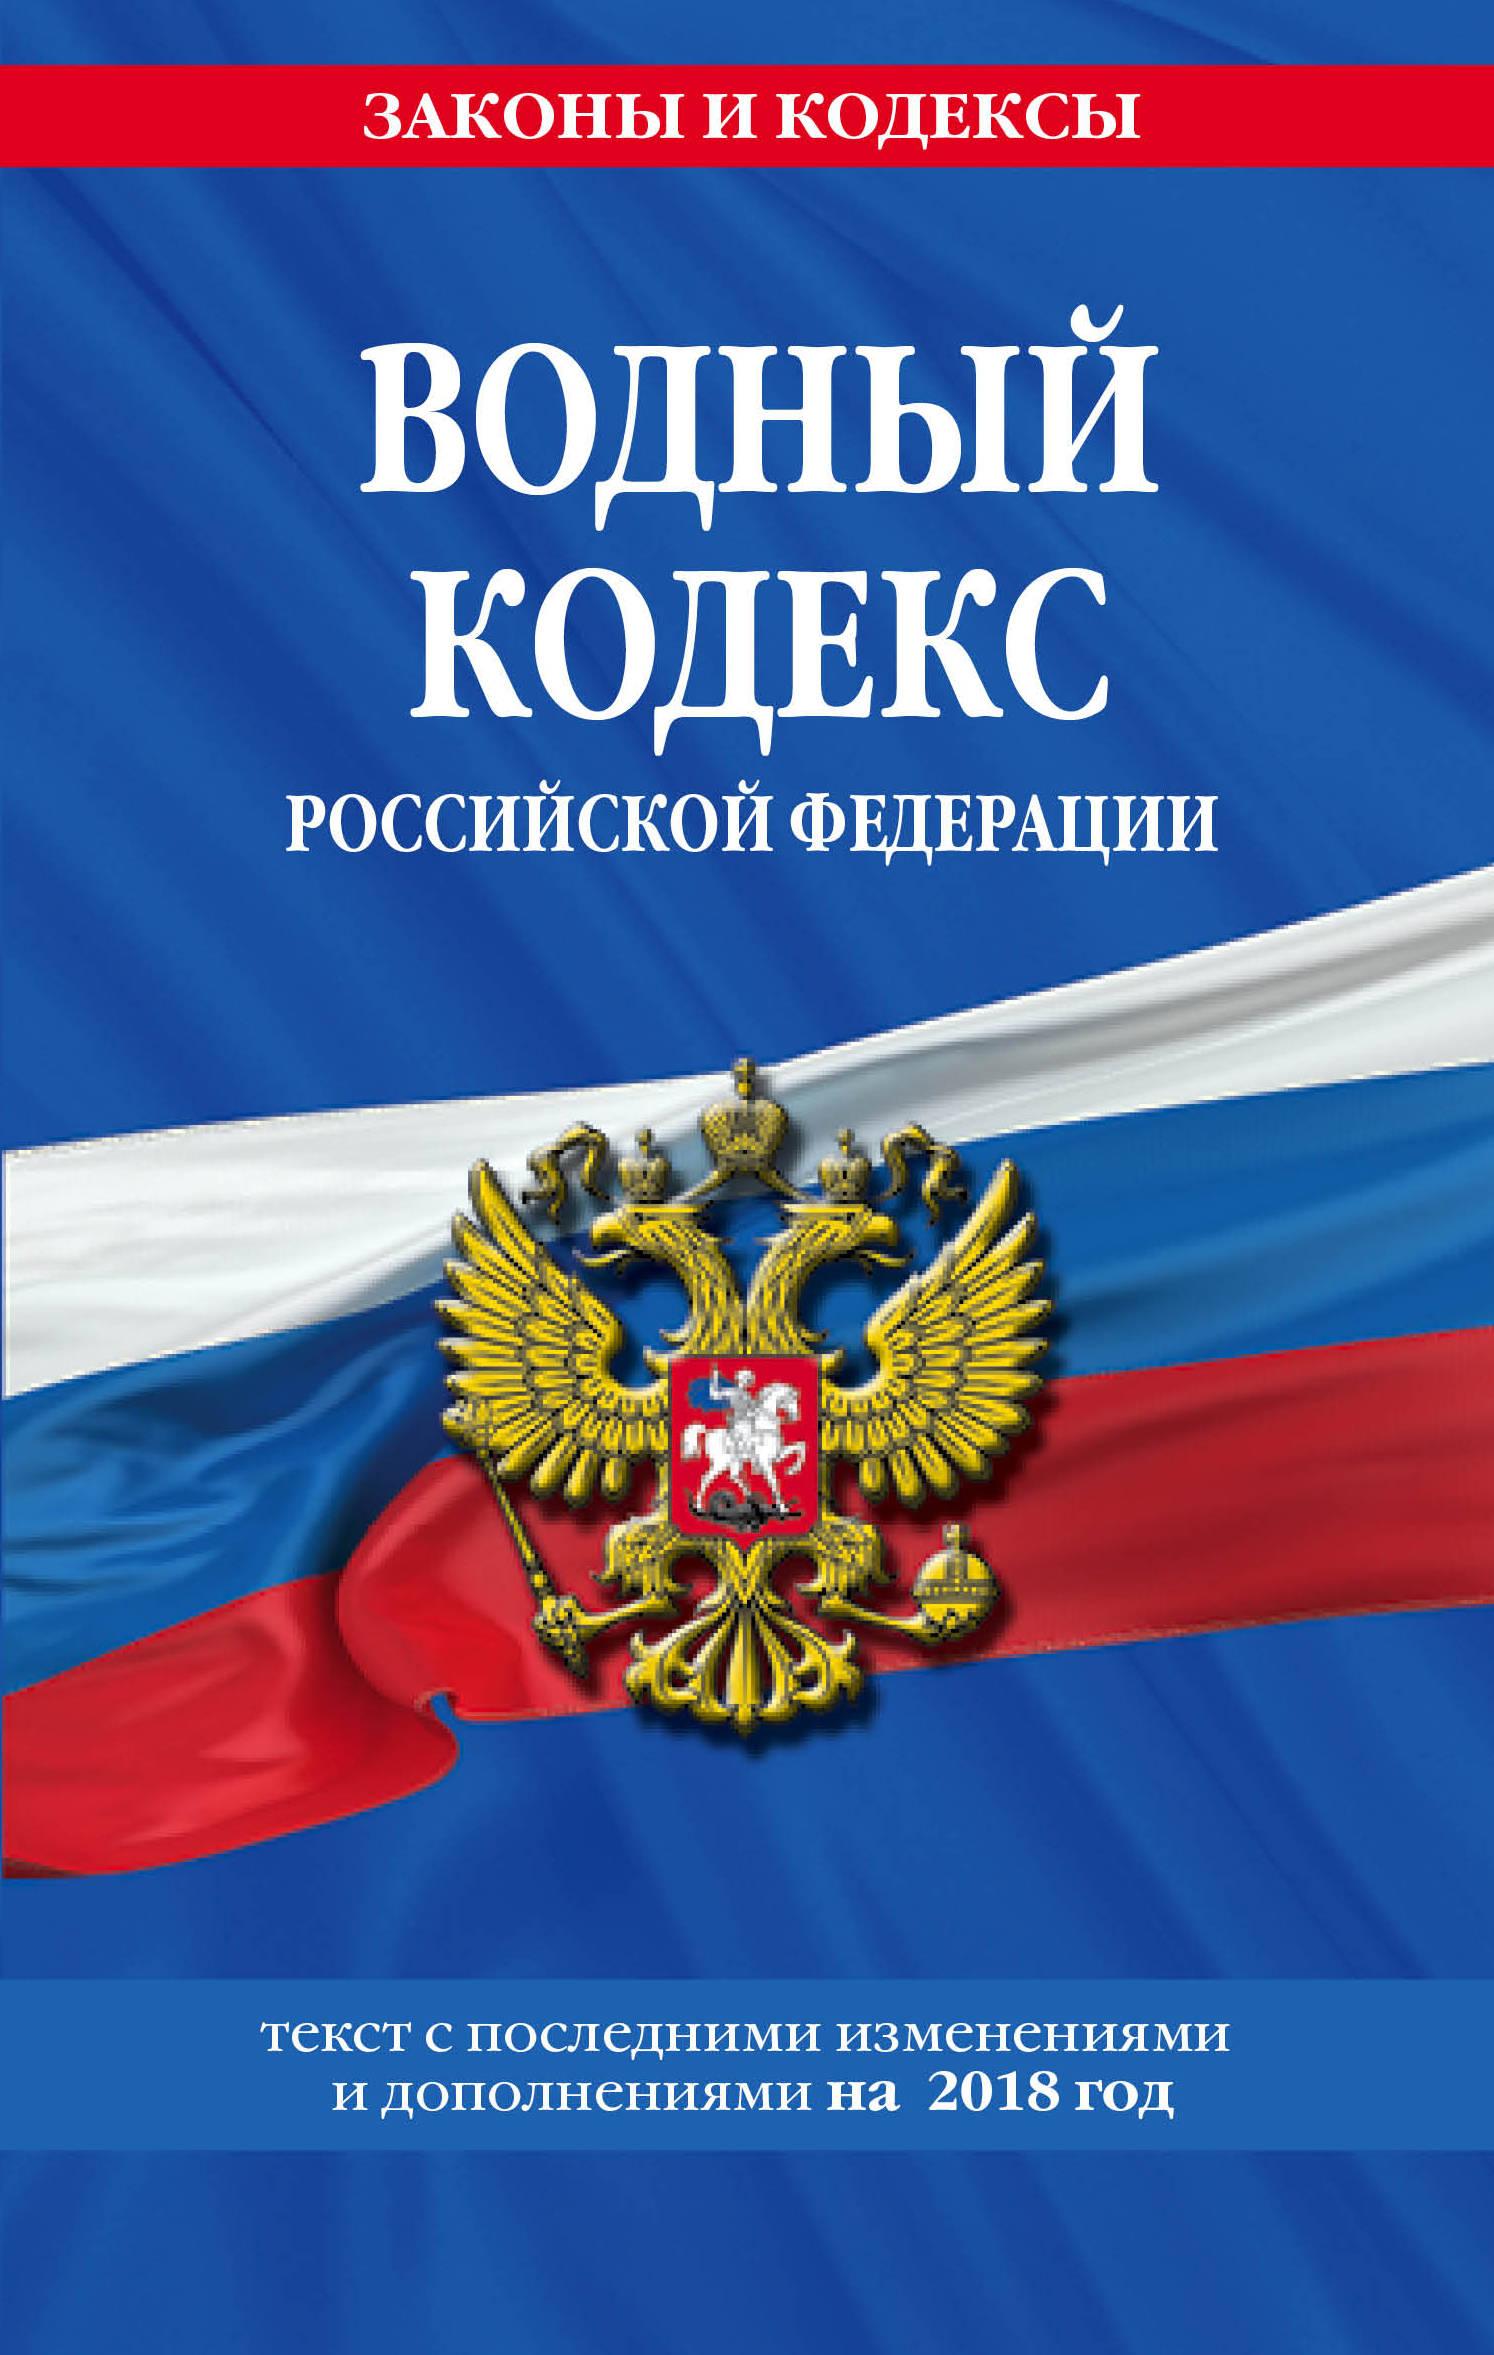 9785040921430 - Водный кодекс Российской Федерации - Книга